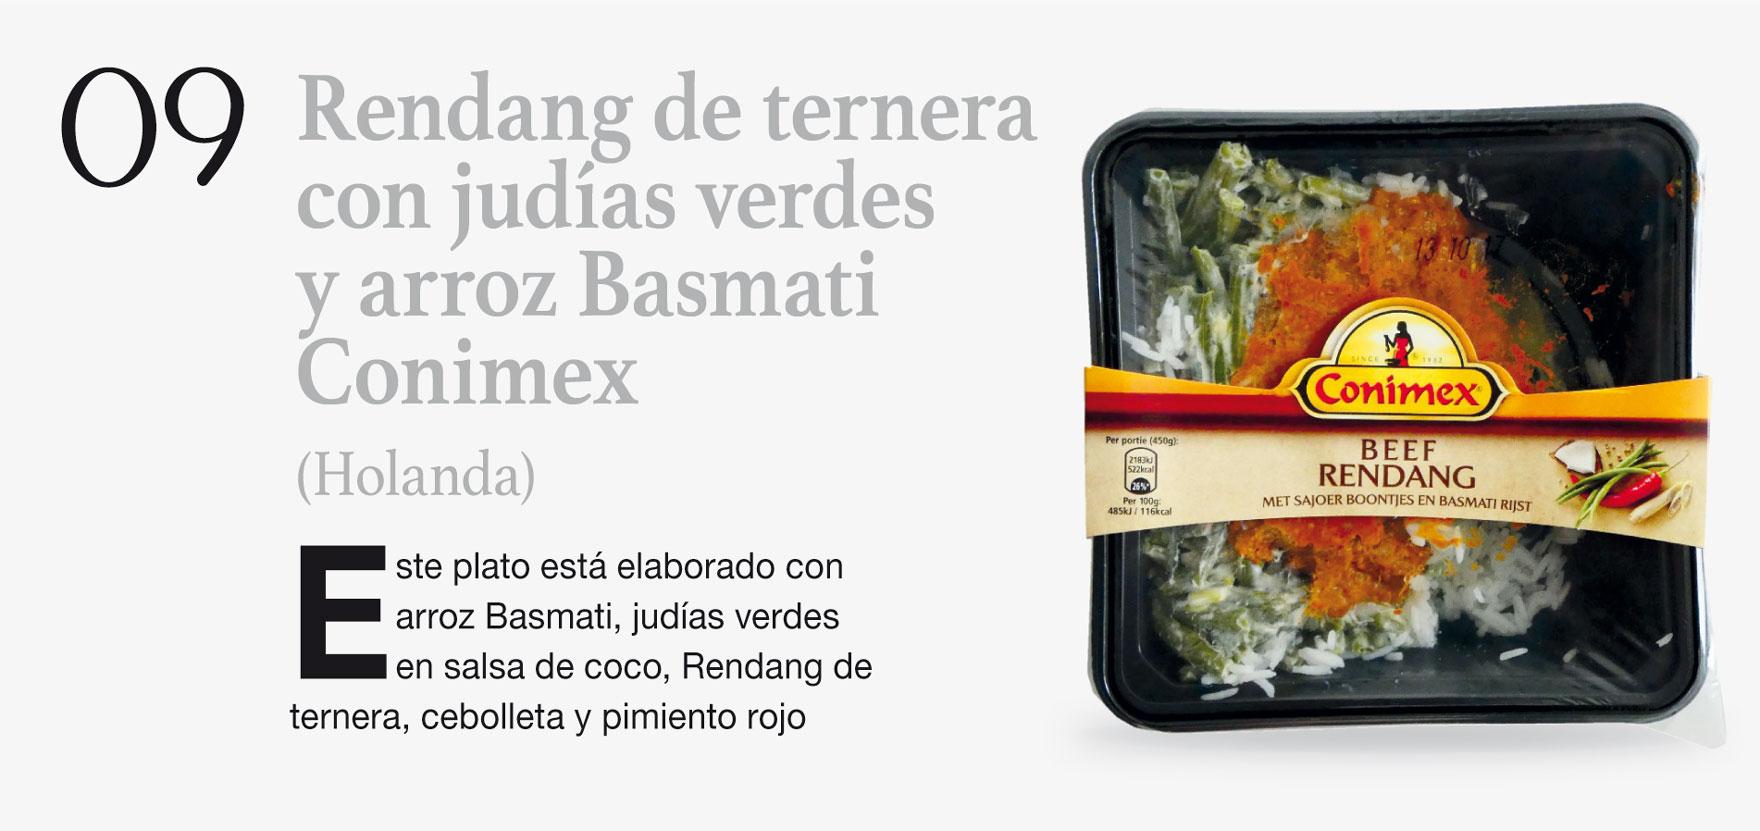 Rendang de ternera con judías verdes y arroz Basmati Convex (Holanda)